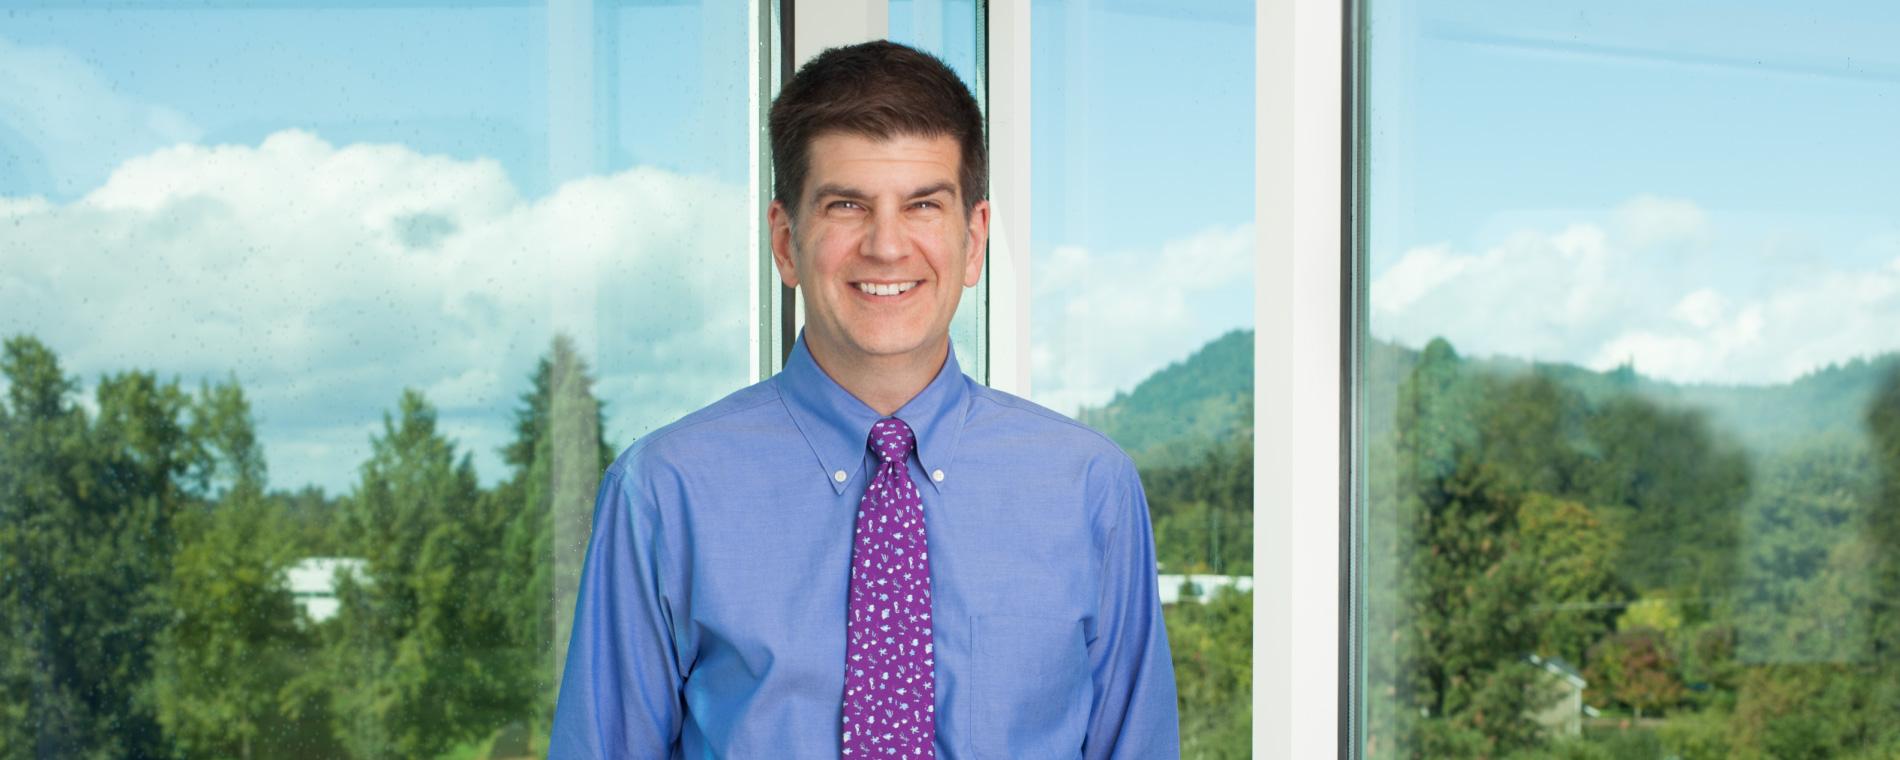 John T. Fitzharris, MD